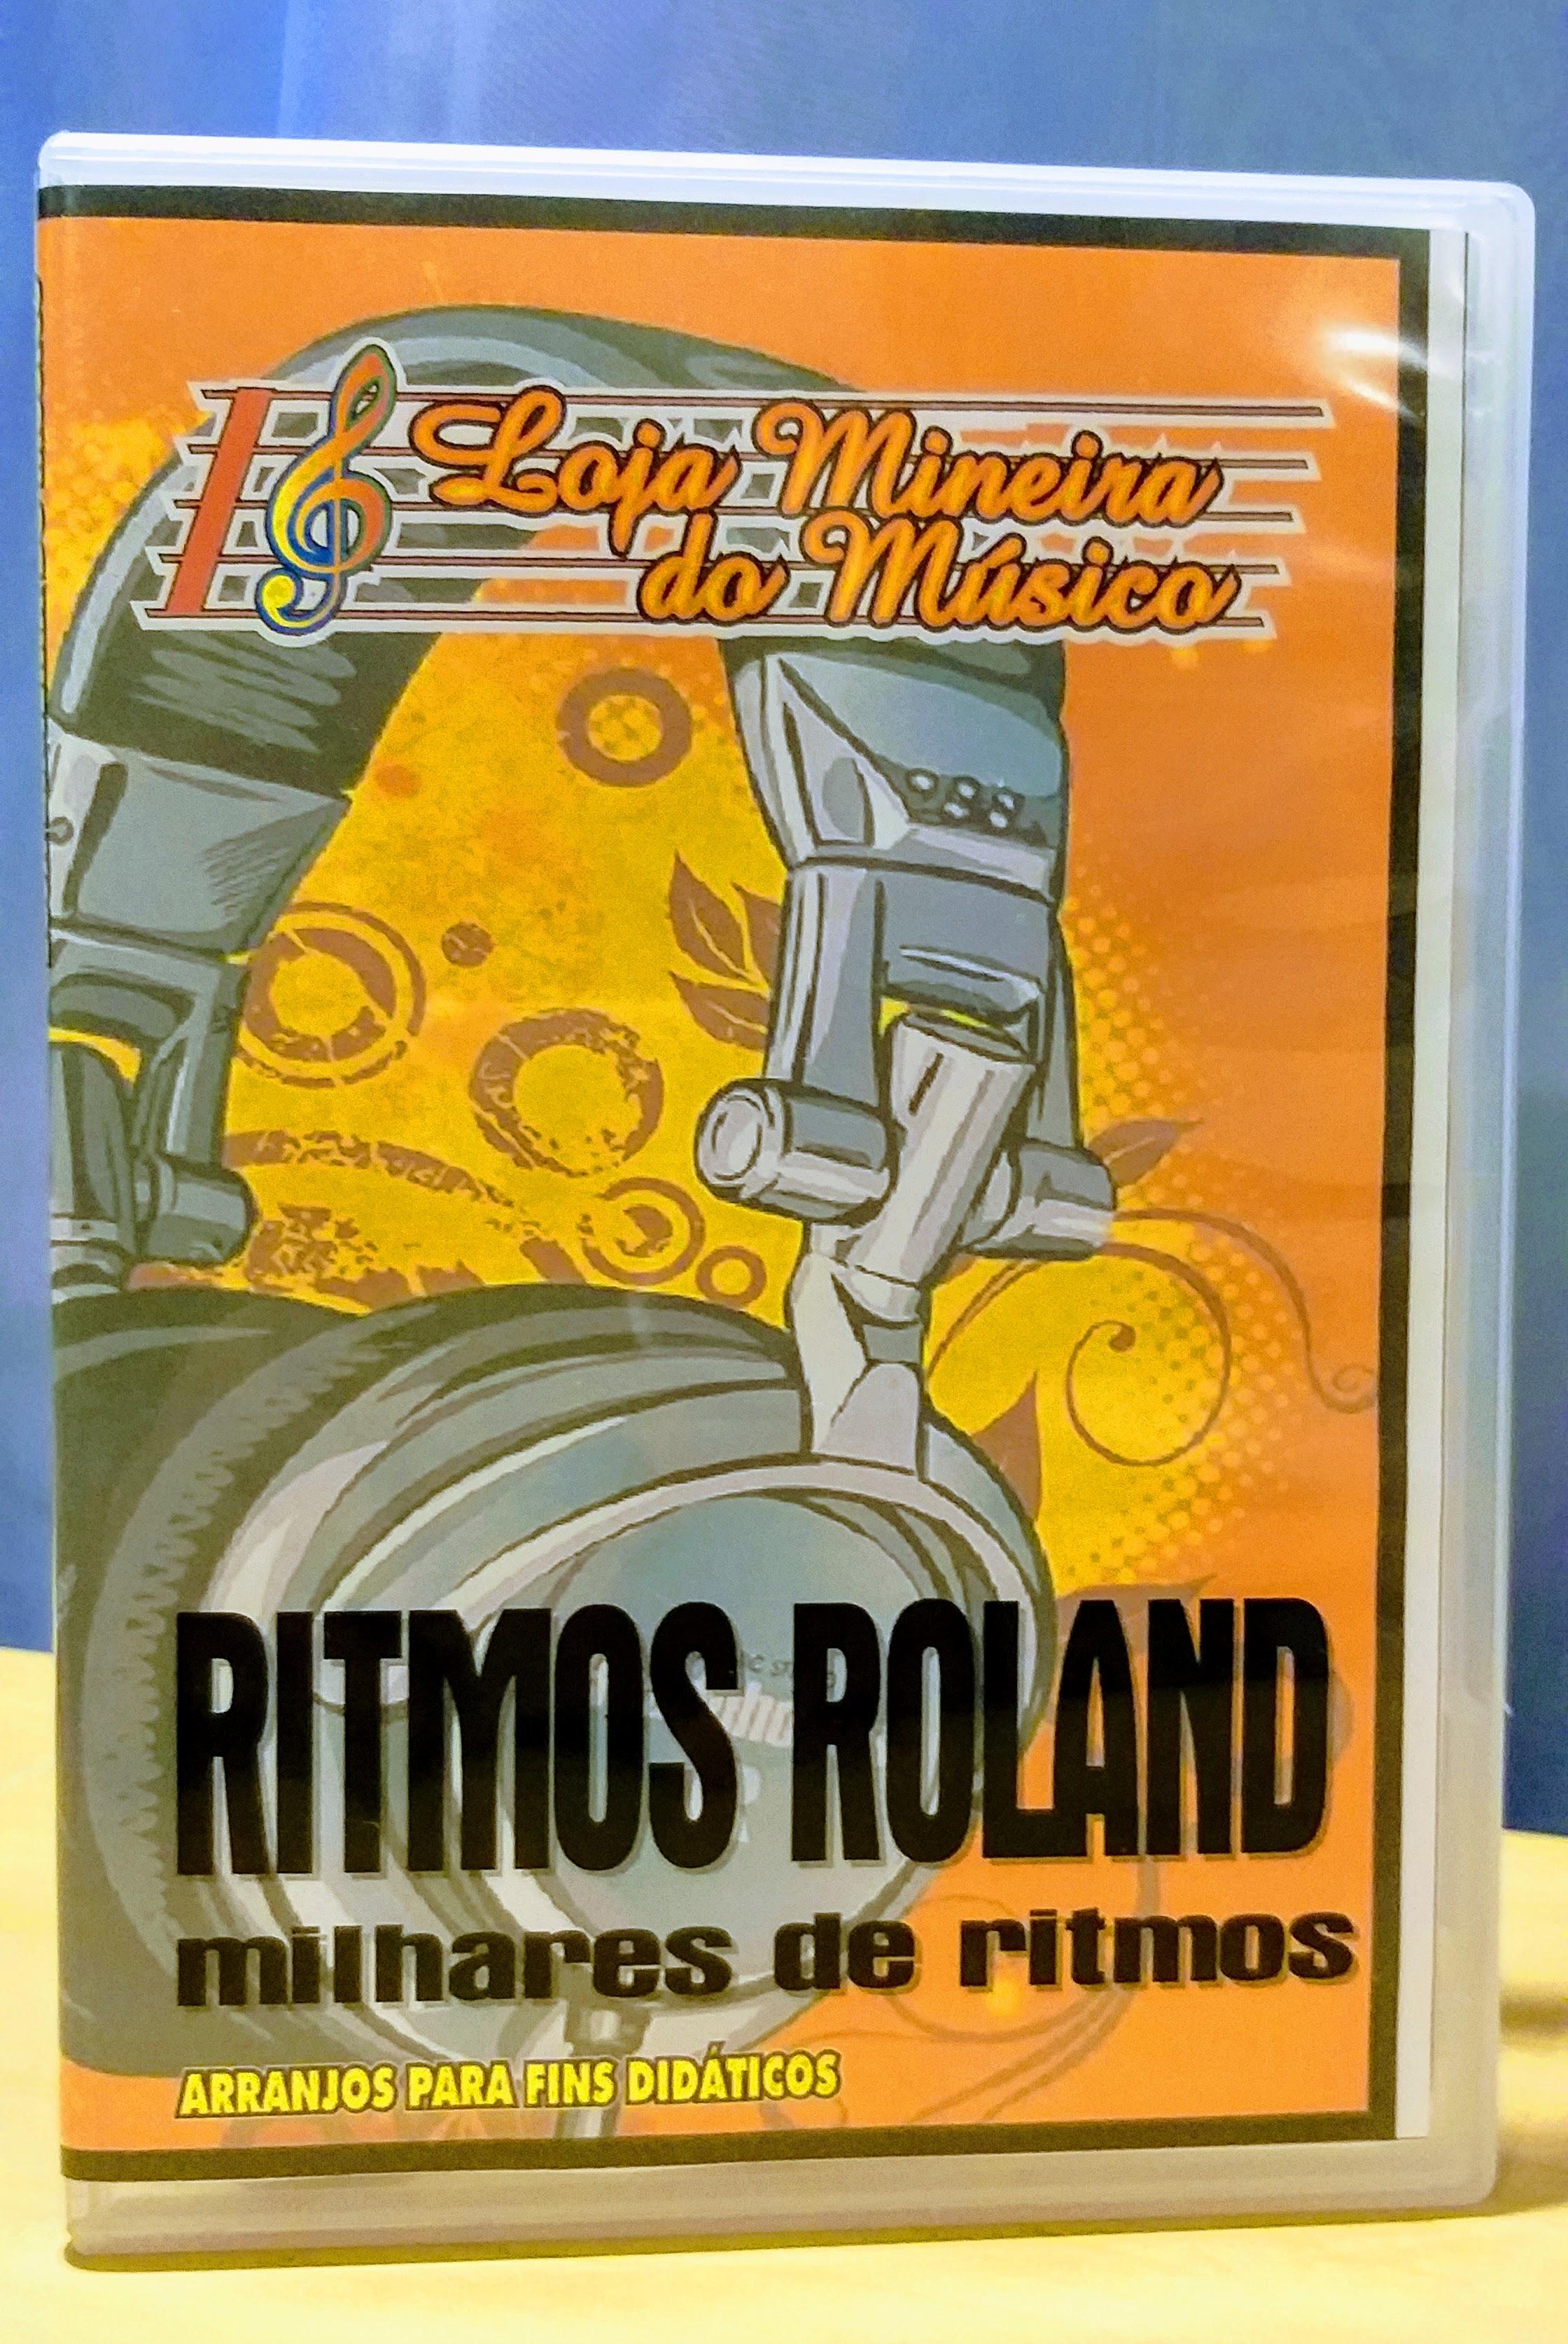 Milhares de Ritmos Roland Super Ritmos Mega Ritmos Roland da Loja Mineira do Musico